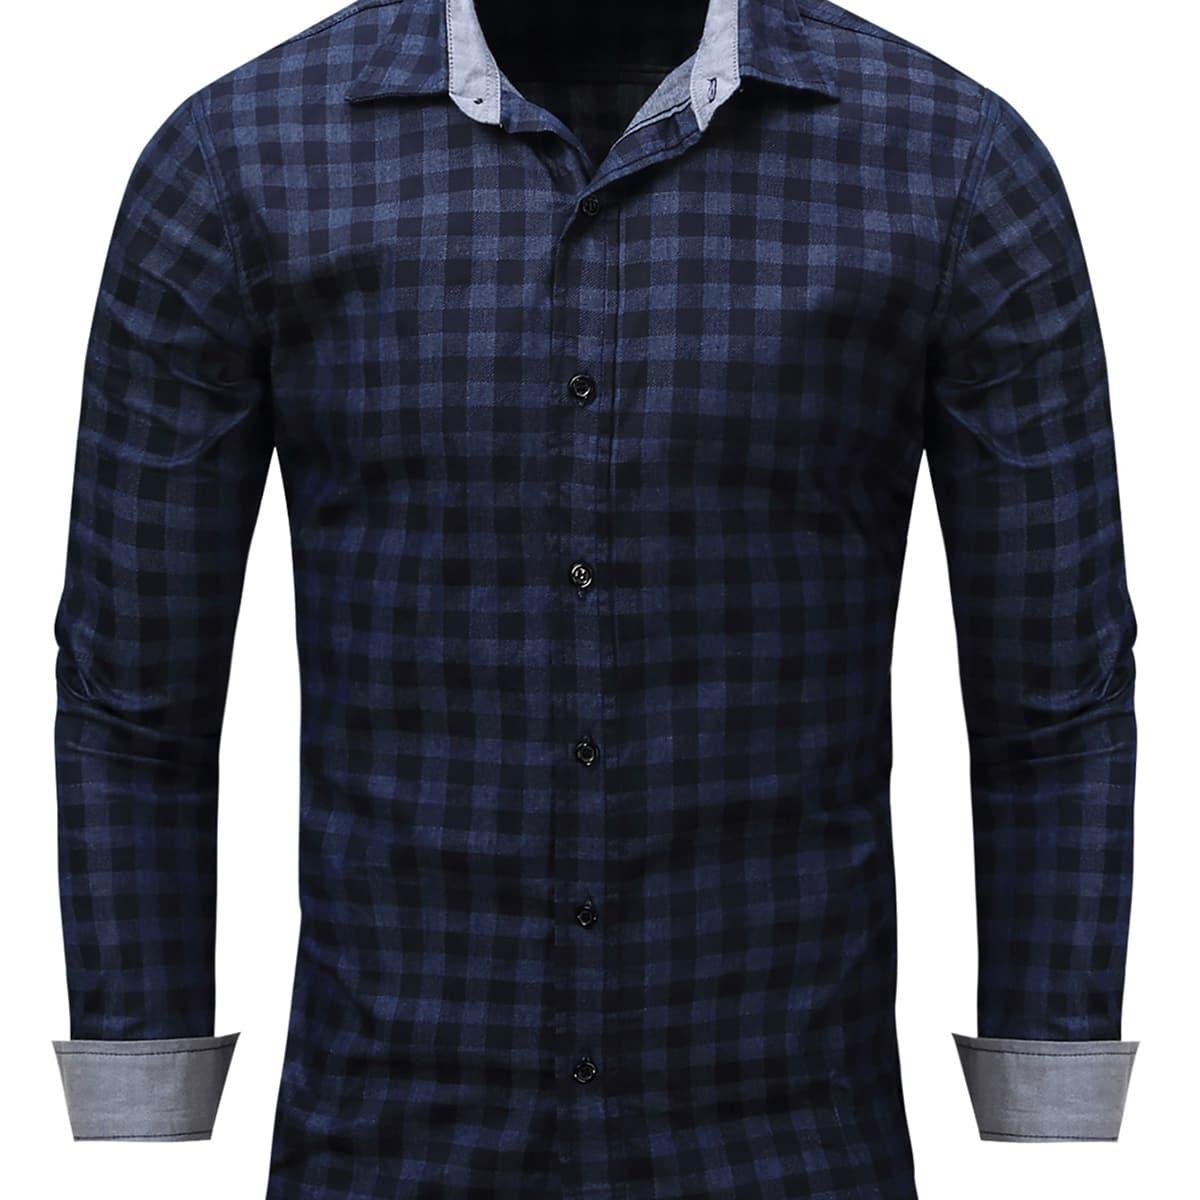 Мужская джинсовая рубашка с пуговицами